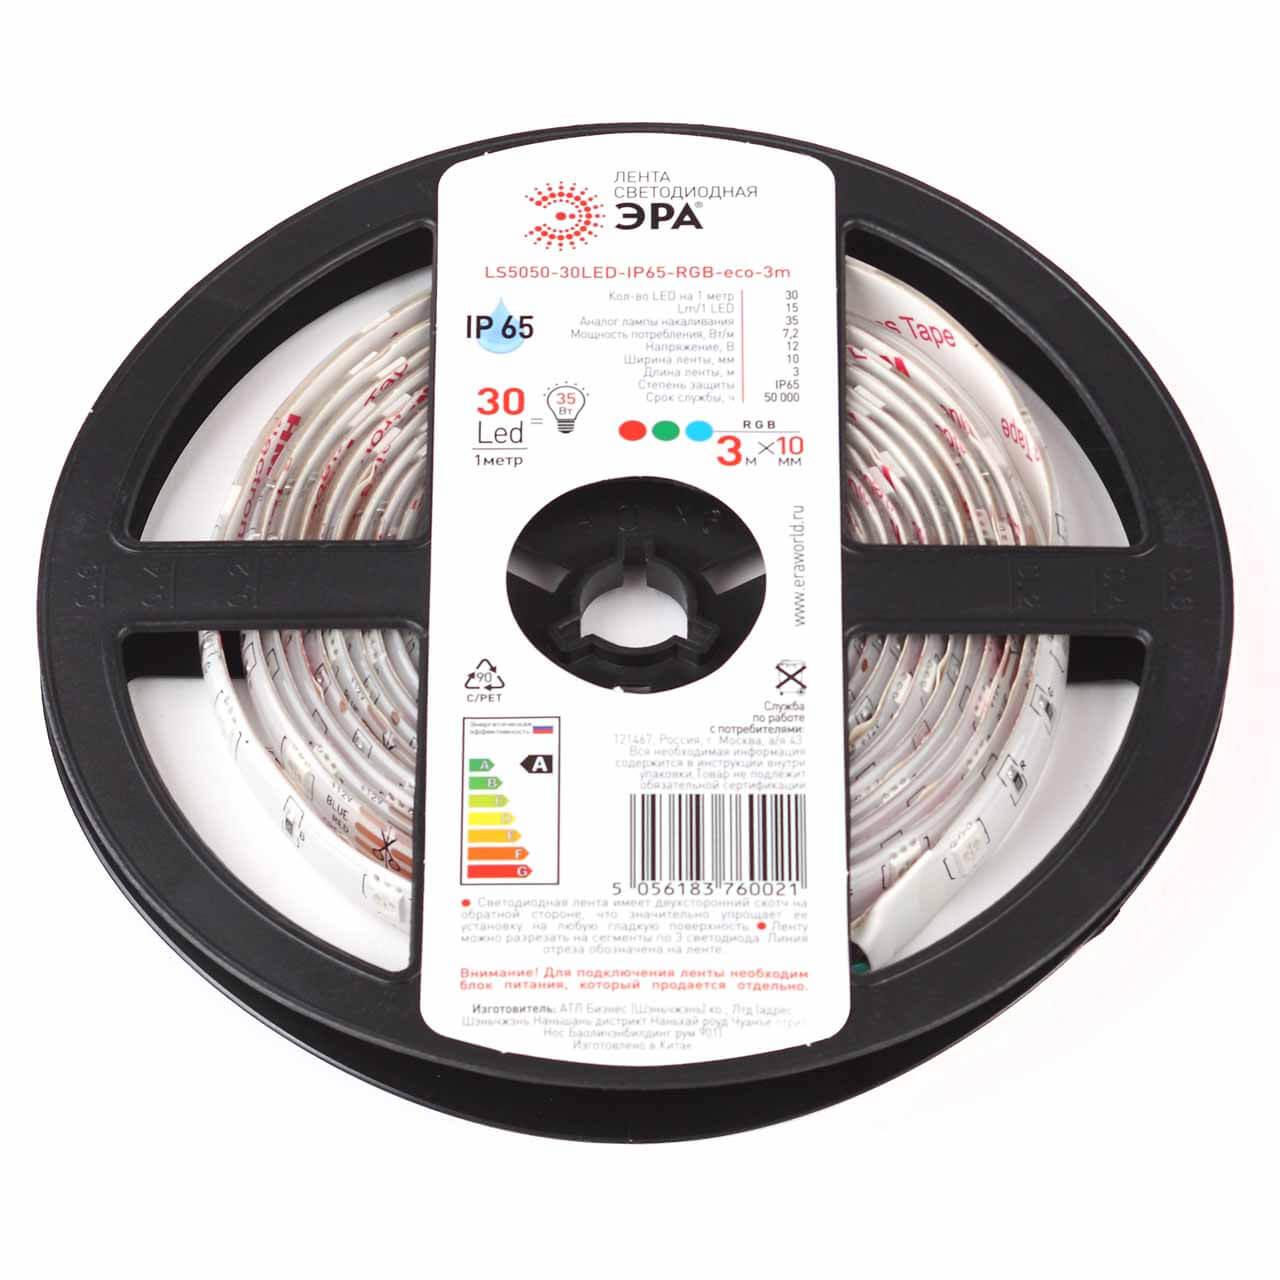 Светодиодная влагозащищенная лента ЭРА 4,8W/m 30LED/m 5050SMD RGB 3M LS5050-30LED-IP65-RGB-eco-3m стоимость